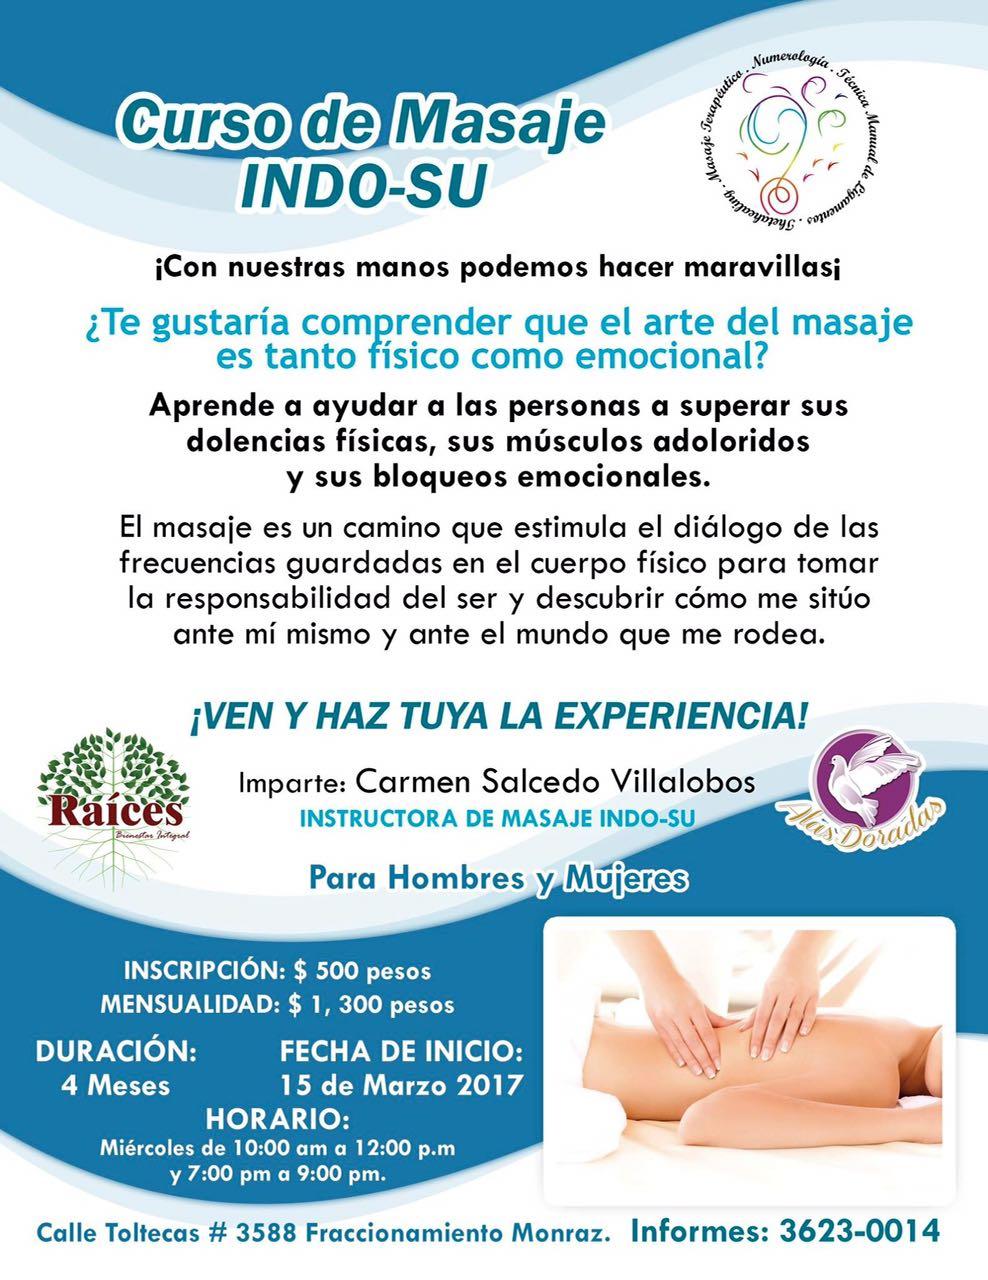 Masaje Indo-Su Curso presencial en Guadalajara (México) – Armonia ...